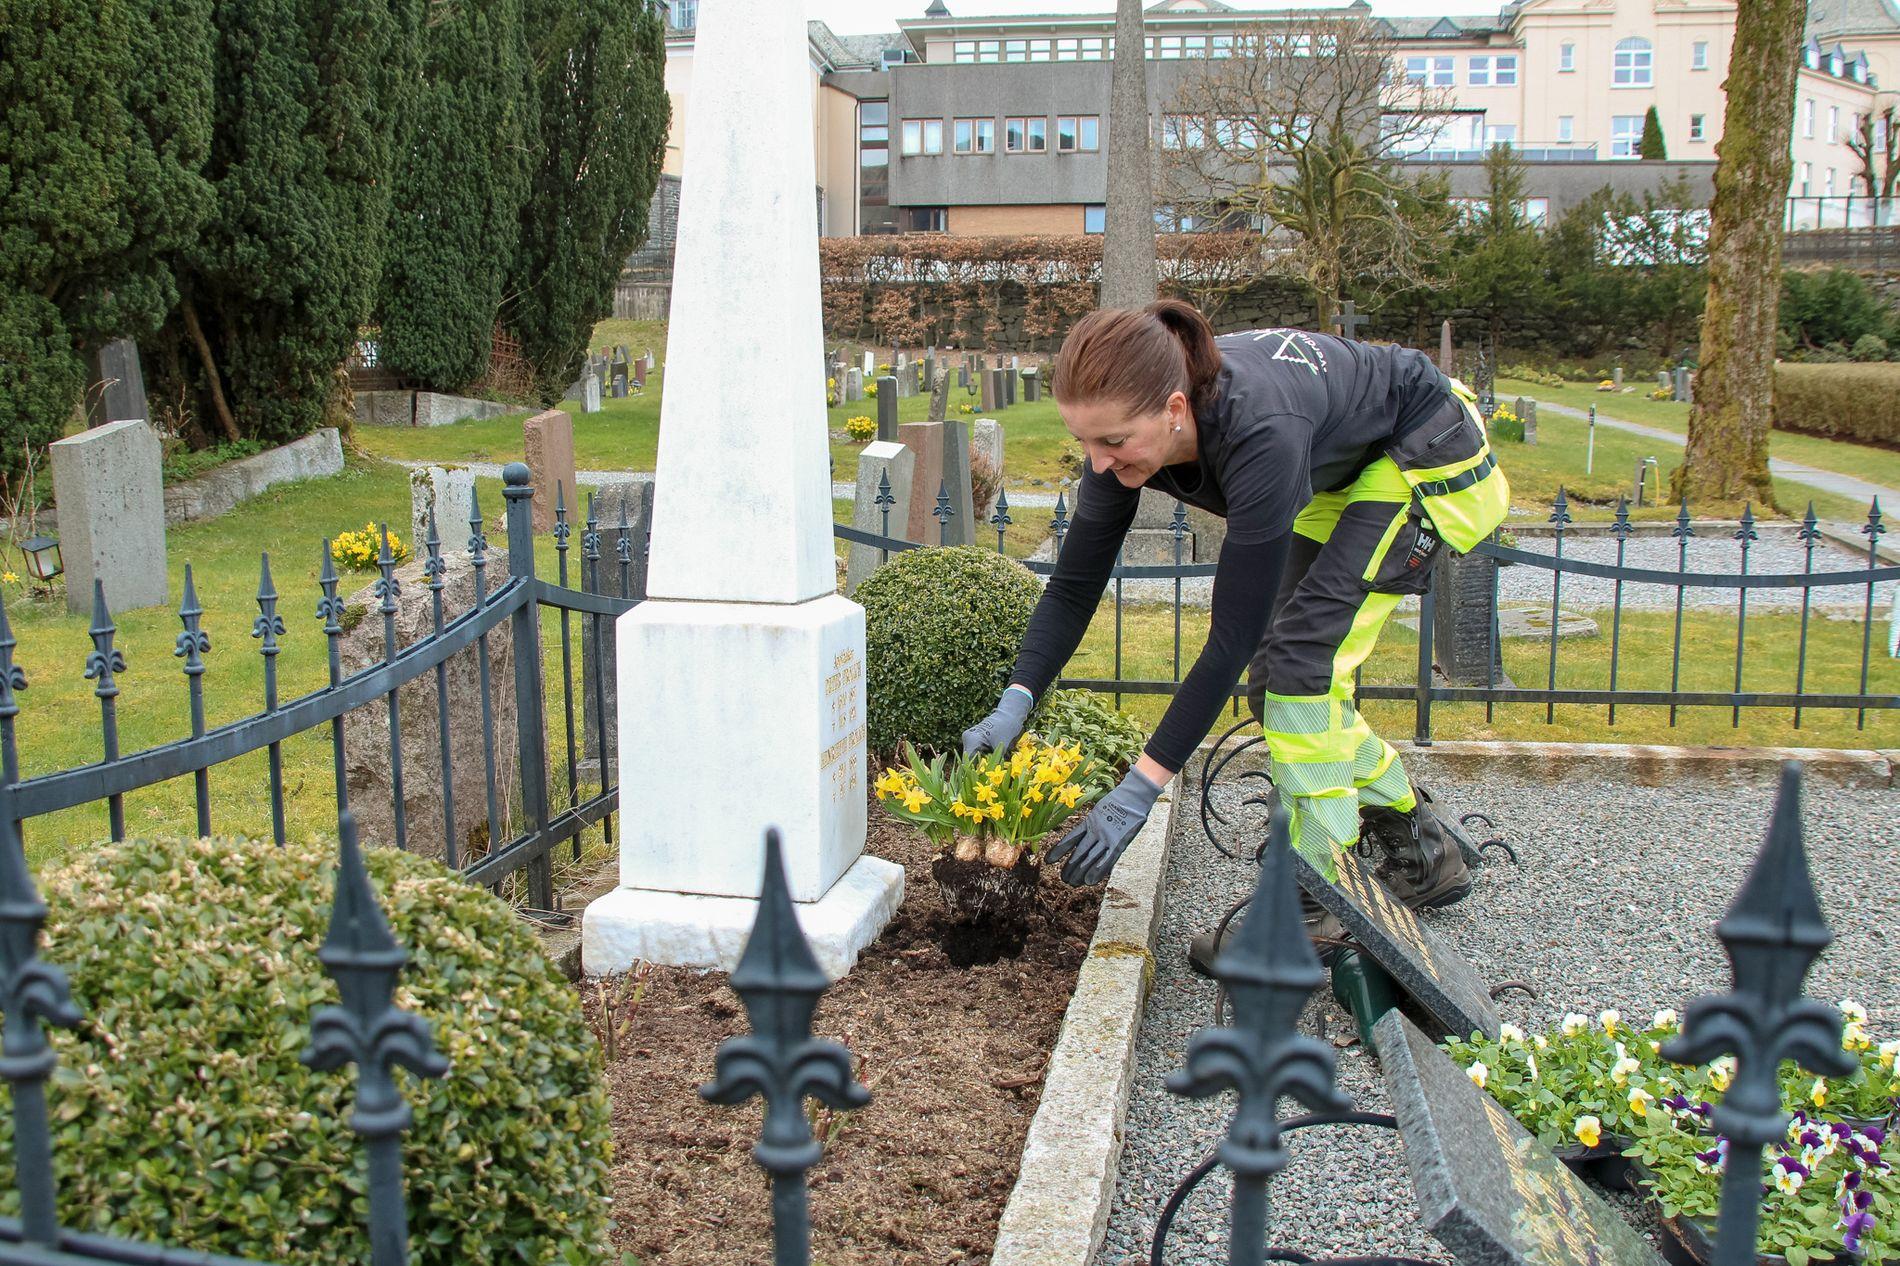 BORT MED PÅSKEN: Catharina Haaberg, arbeidsleder i Akasia gravstell, fjerner halvvisne påskeliljer på familiegraven på Haukeland gravplass som nå skal få vårblomster på plass.